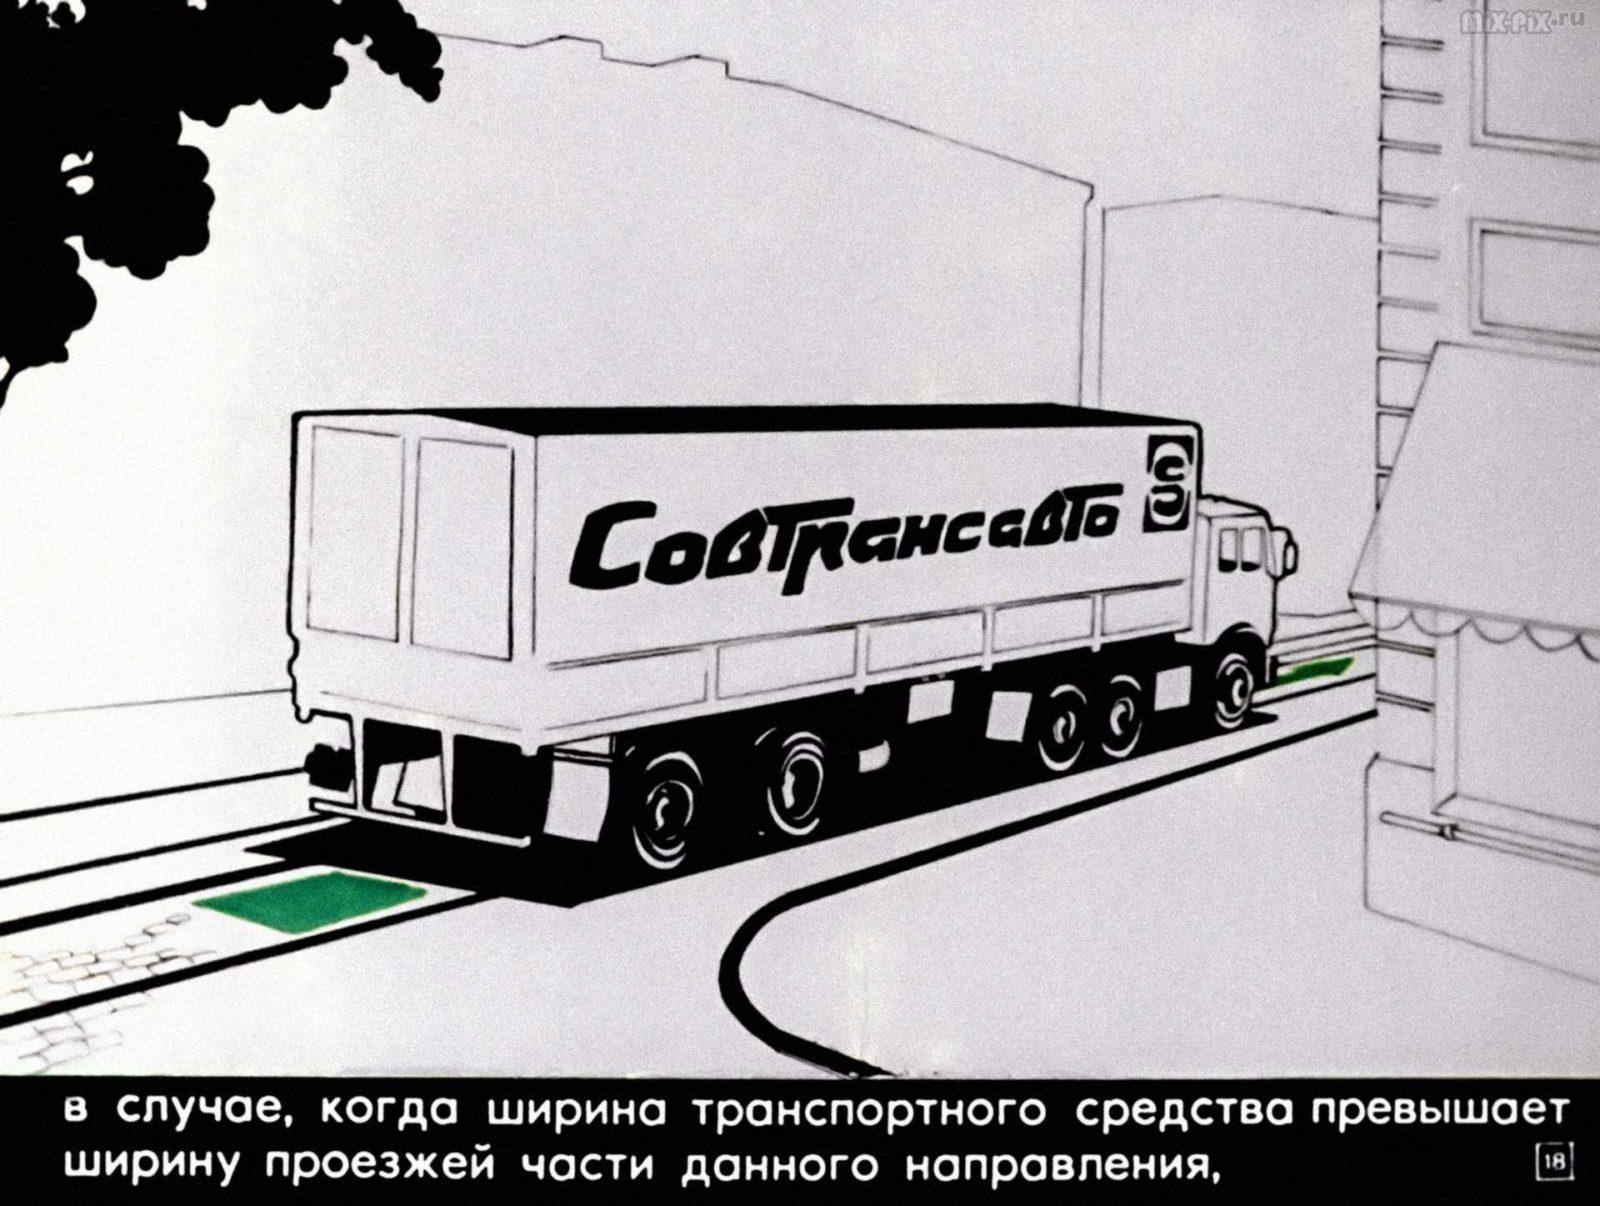 Правила дорожного движения. Расположение транспортных средств на проезжей части. Начало движения. Маневрирование